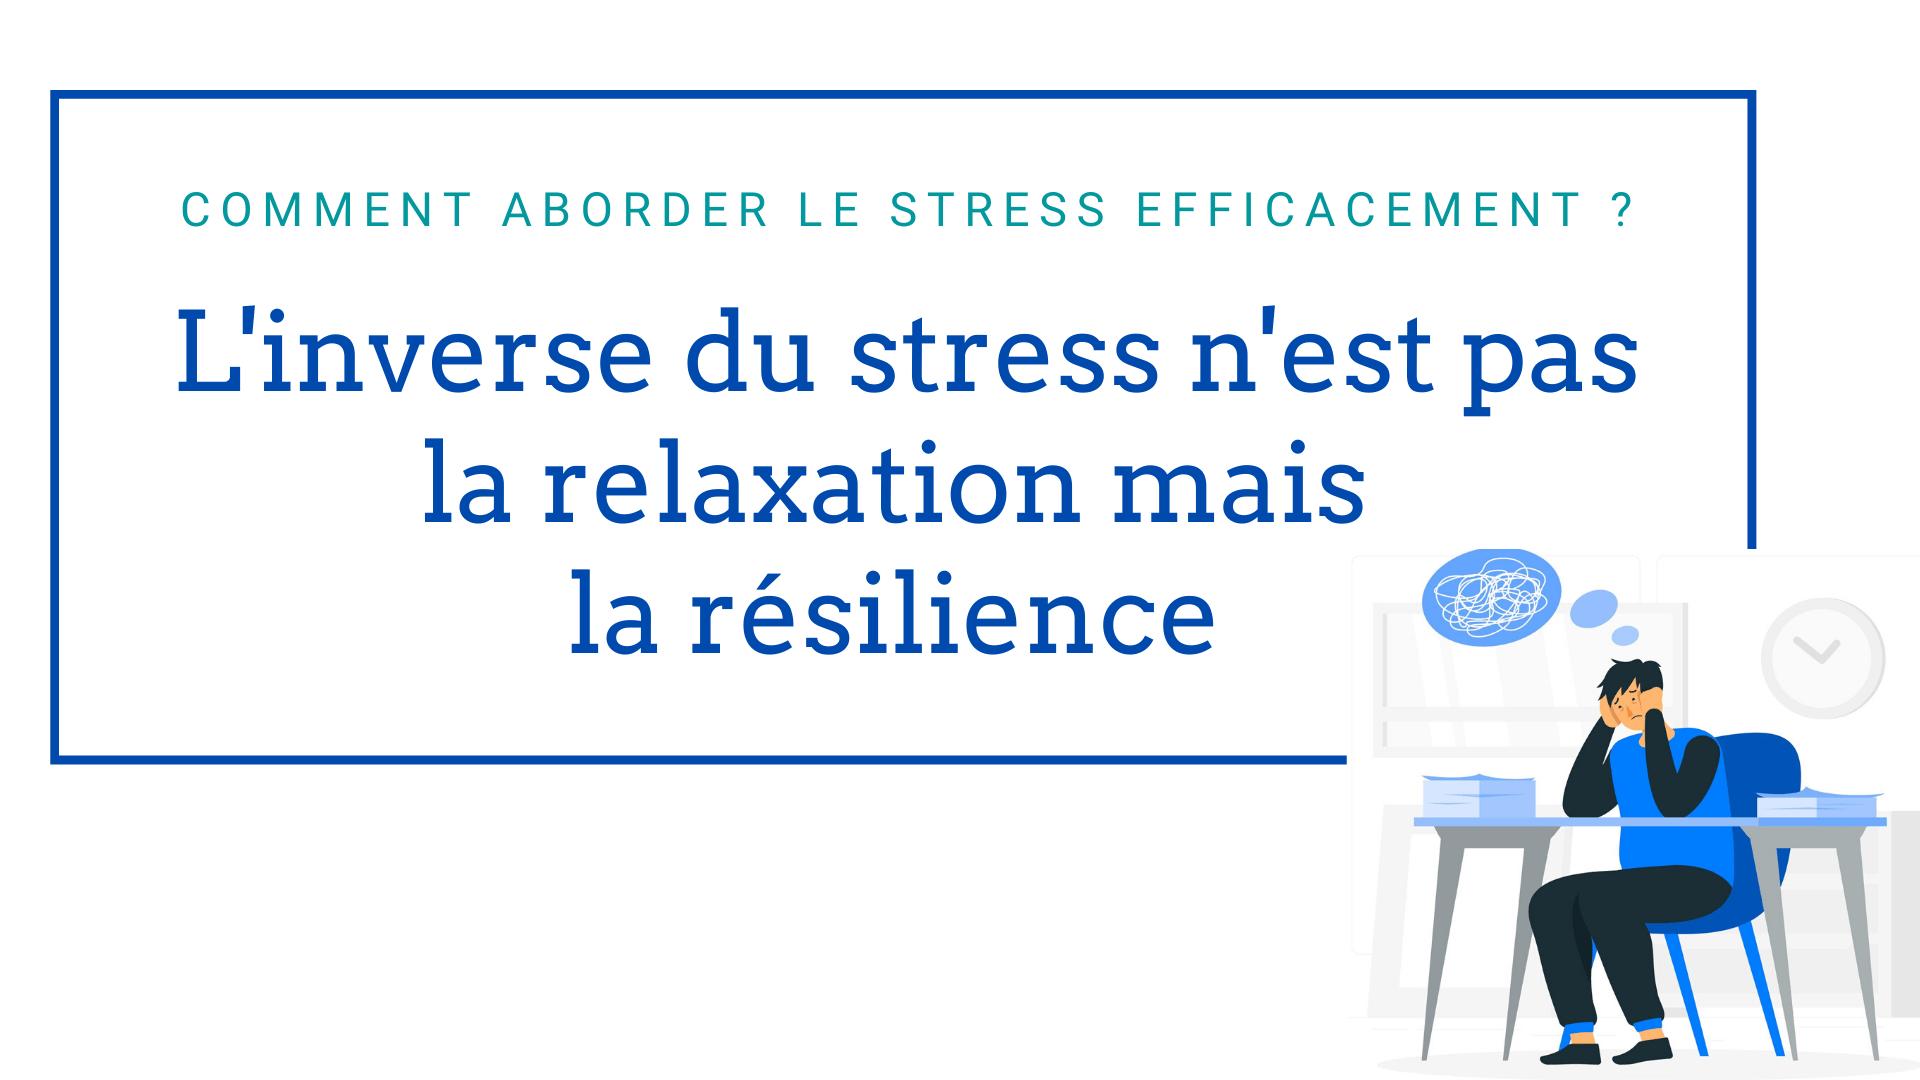 L'inverse du stress n'est pas la relaxation mais la résilience